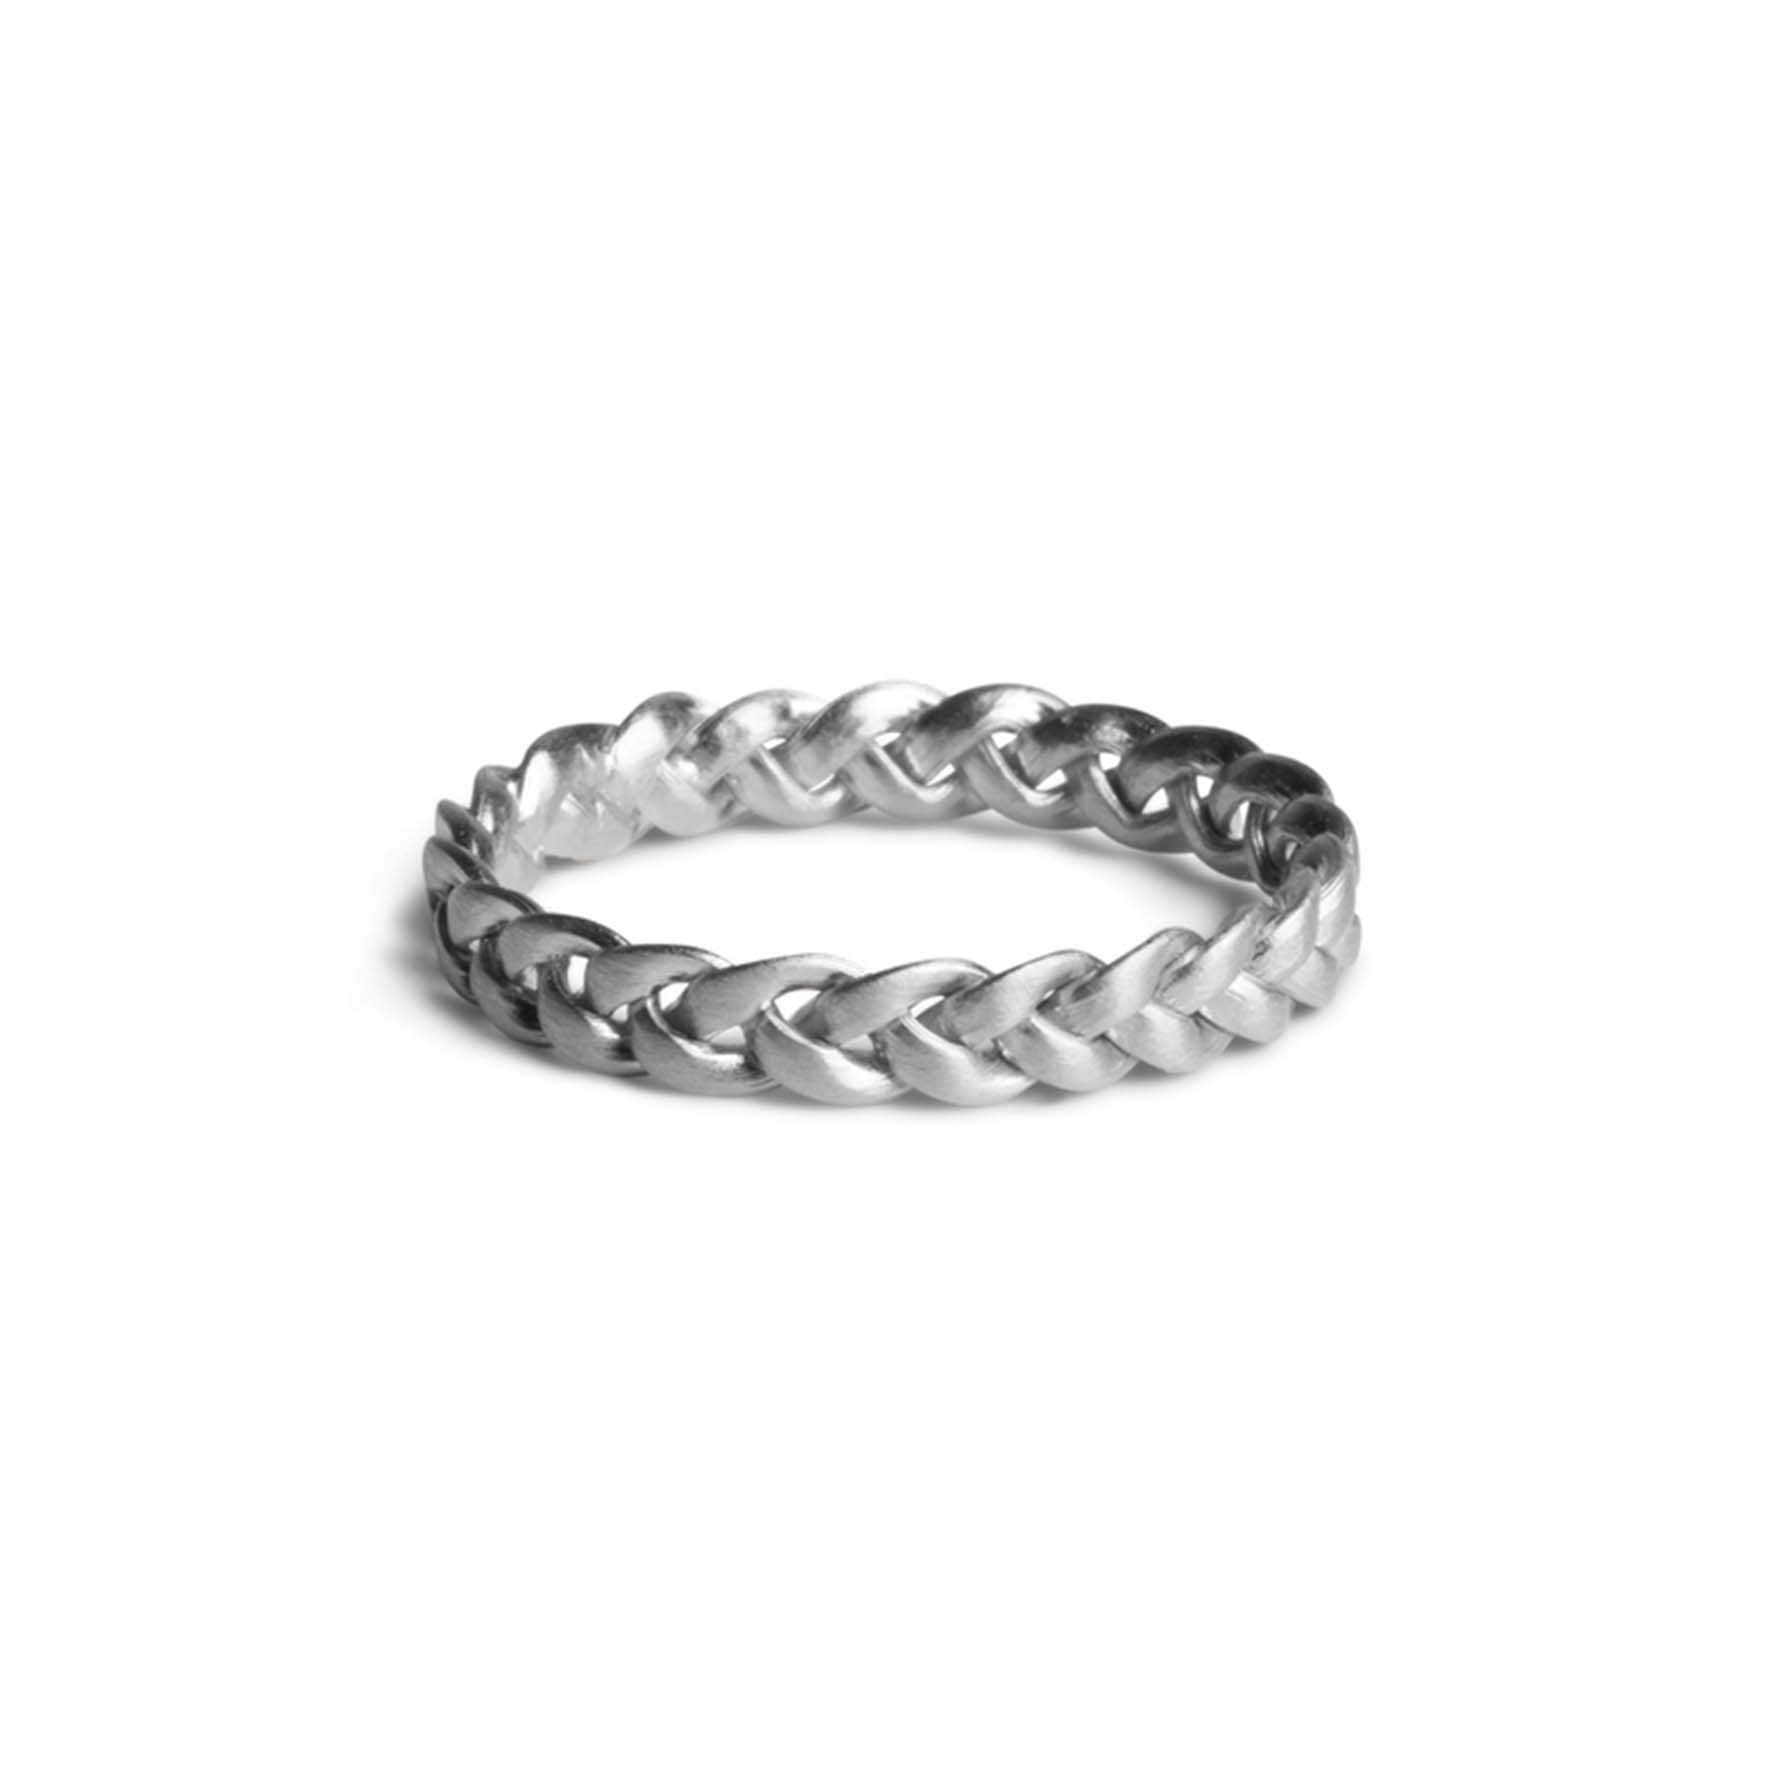 Medium Braided Ring fra Jane Kønig i Sølv Sterling 925